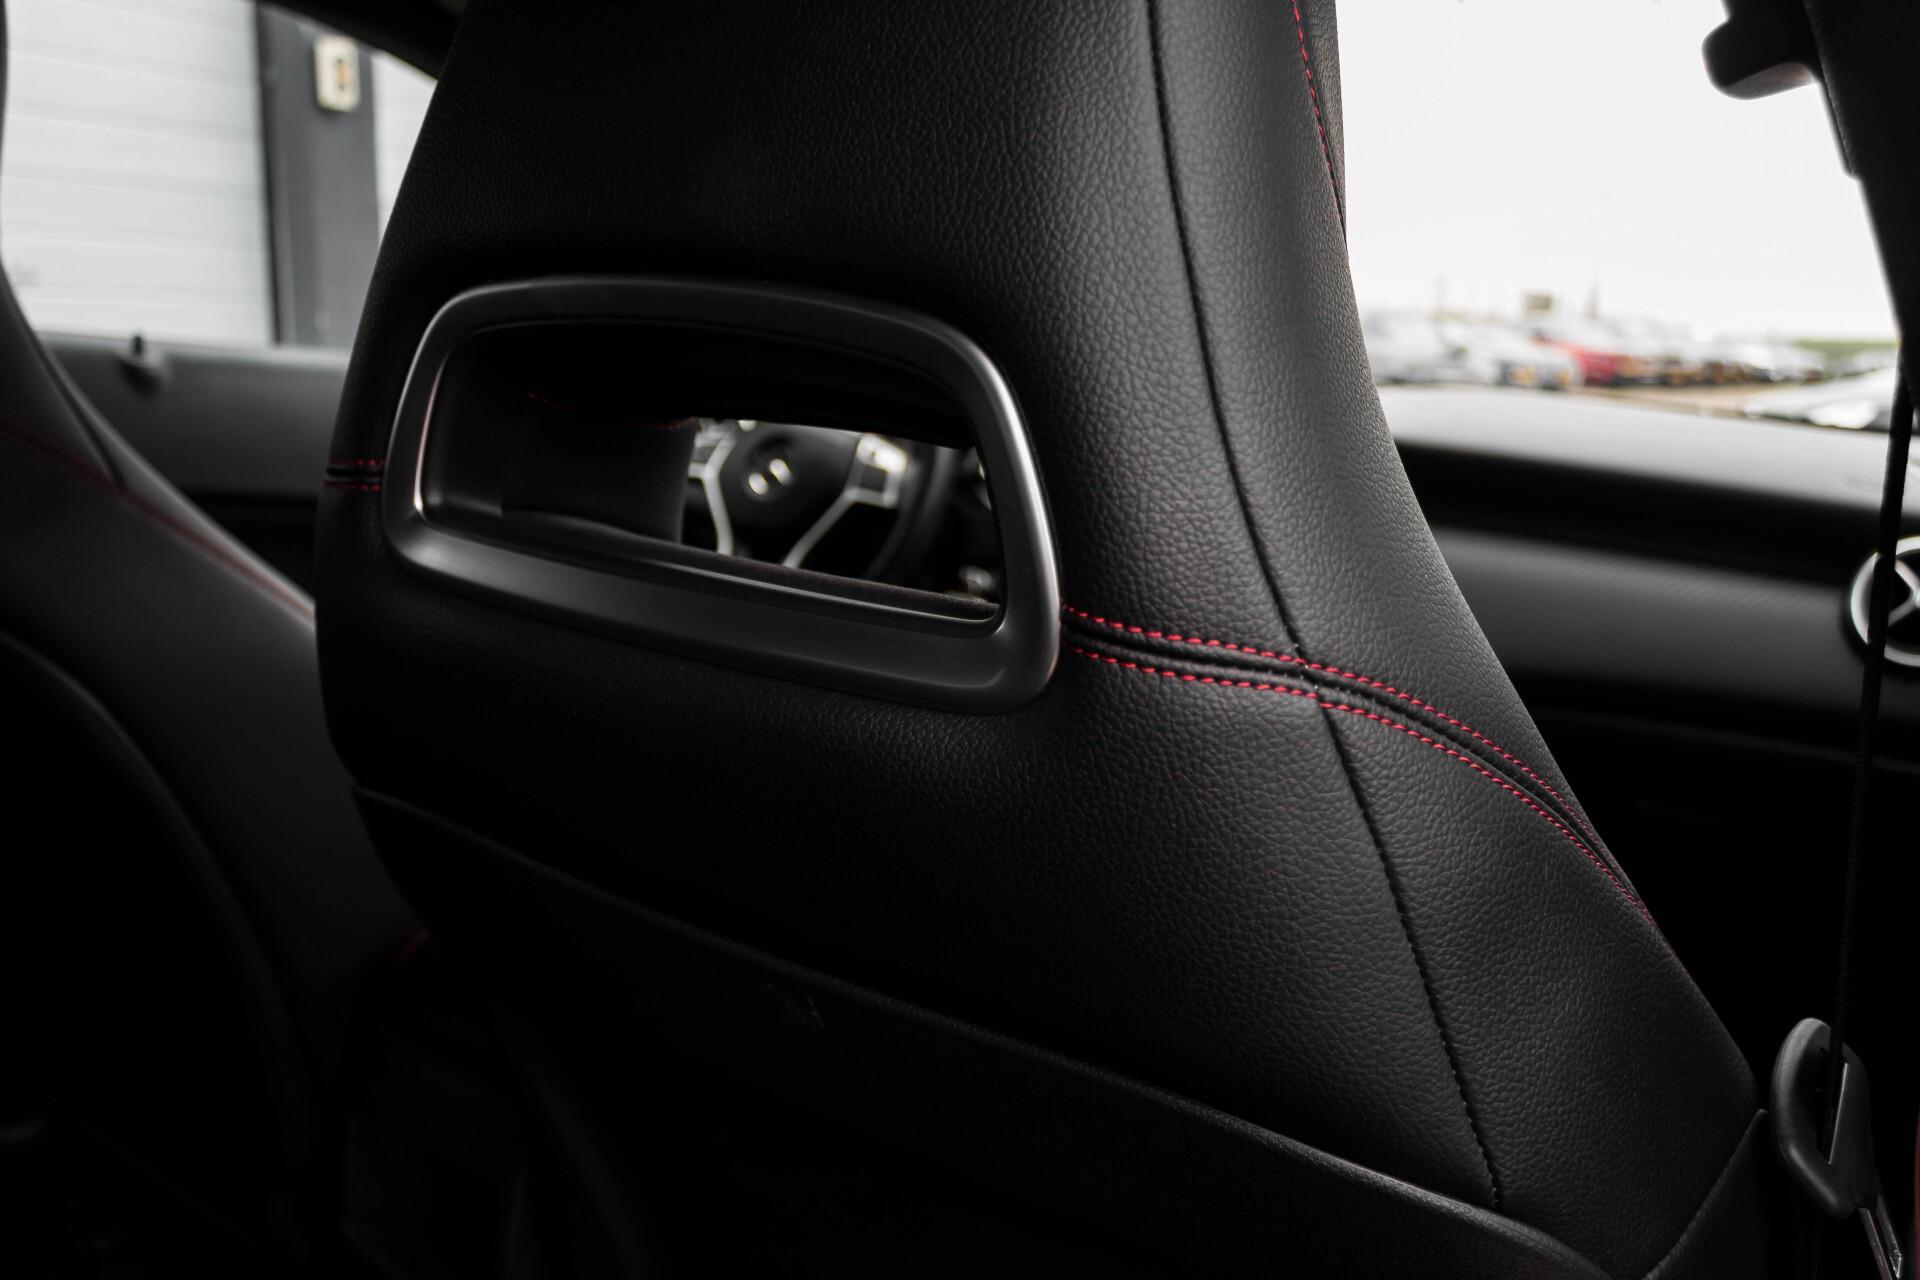 Mercedes-Benz A-Klasse 180 Cdi AMG Panorama Bi-xenon/Navi/PTS Aut7 Foto 26